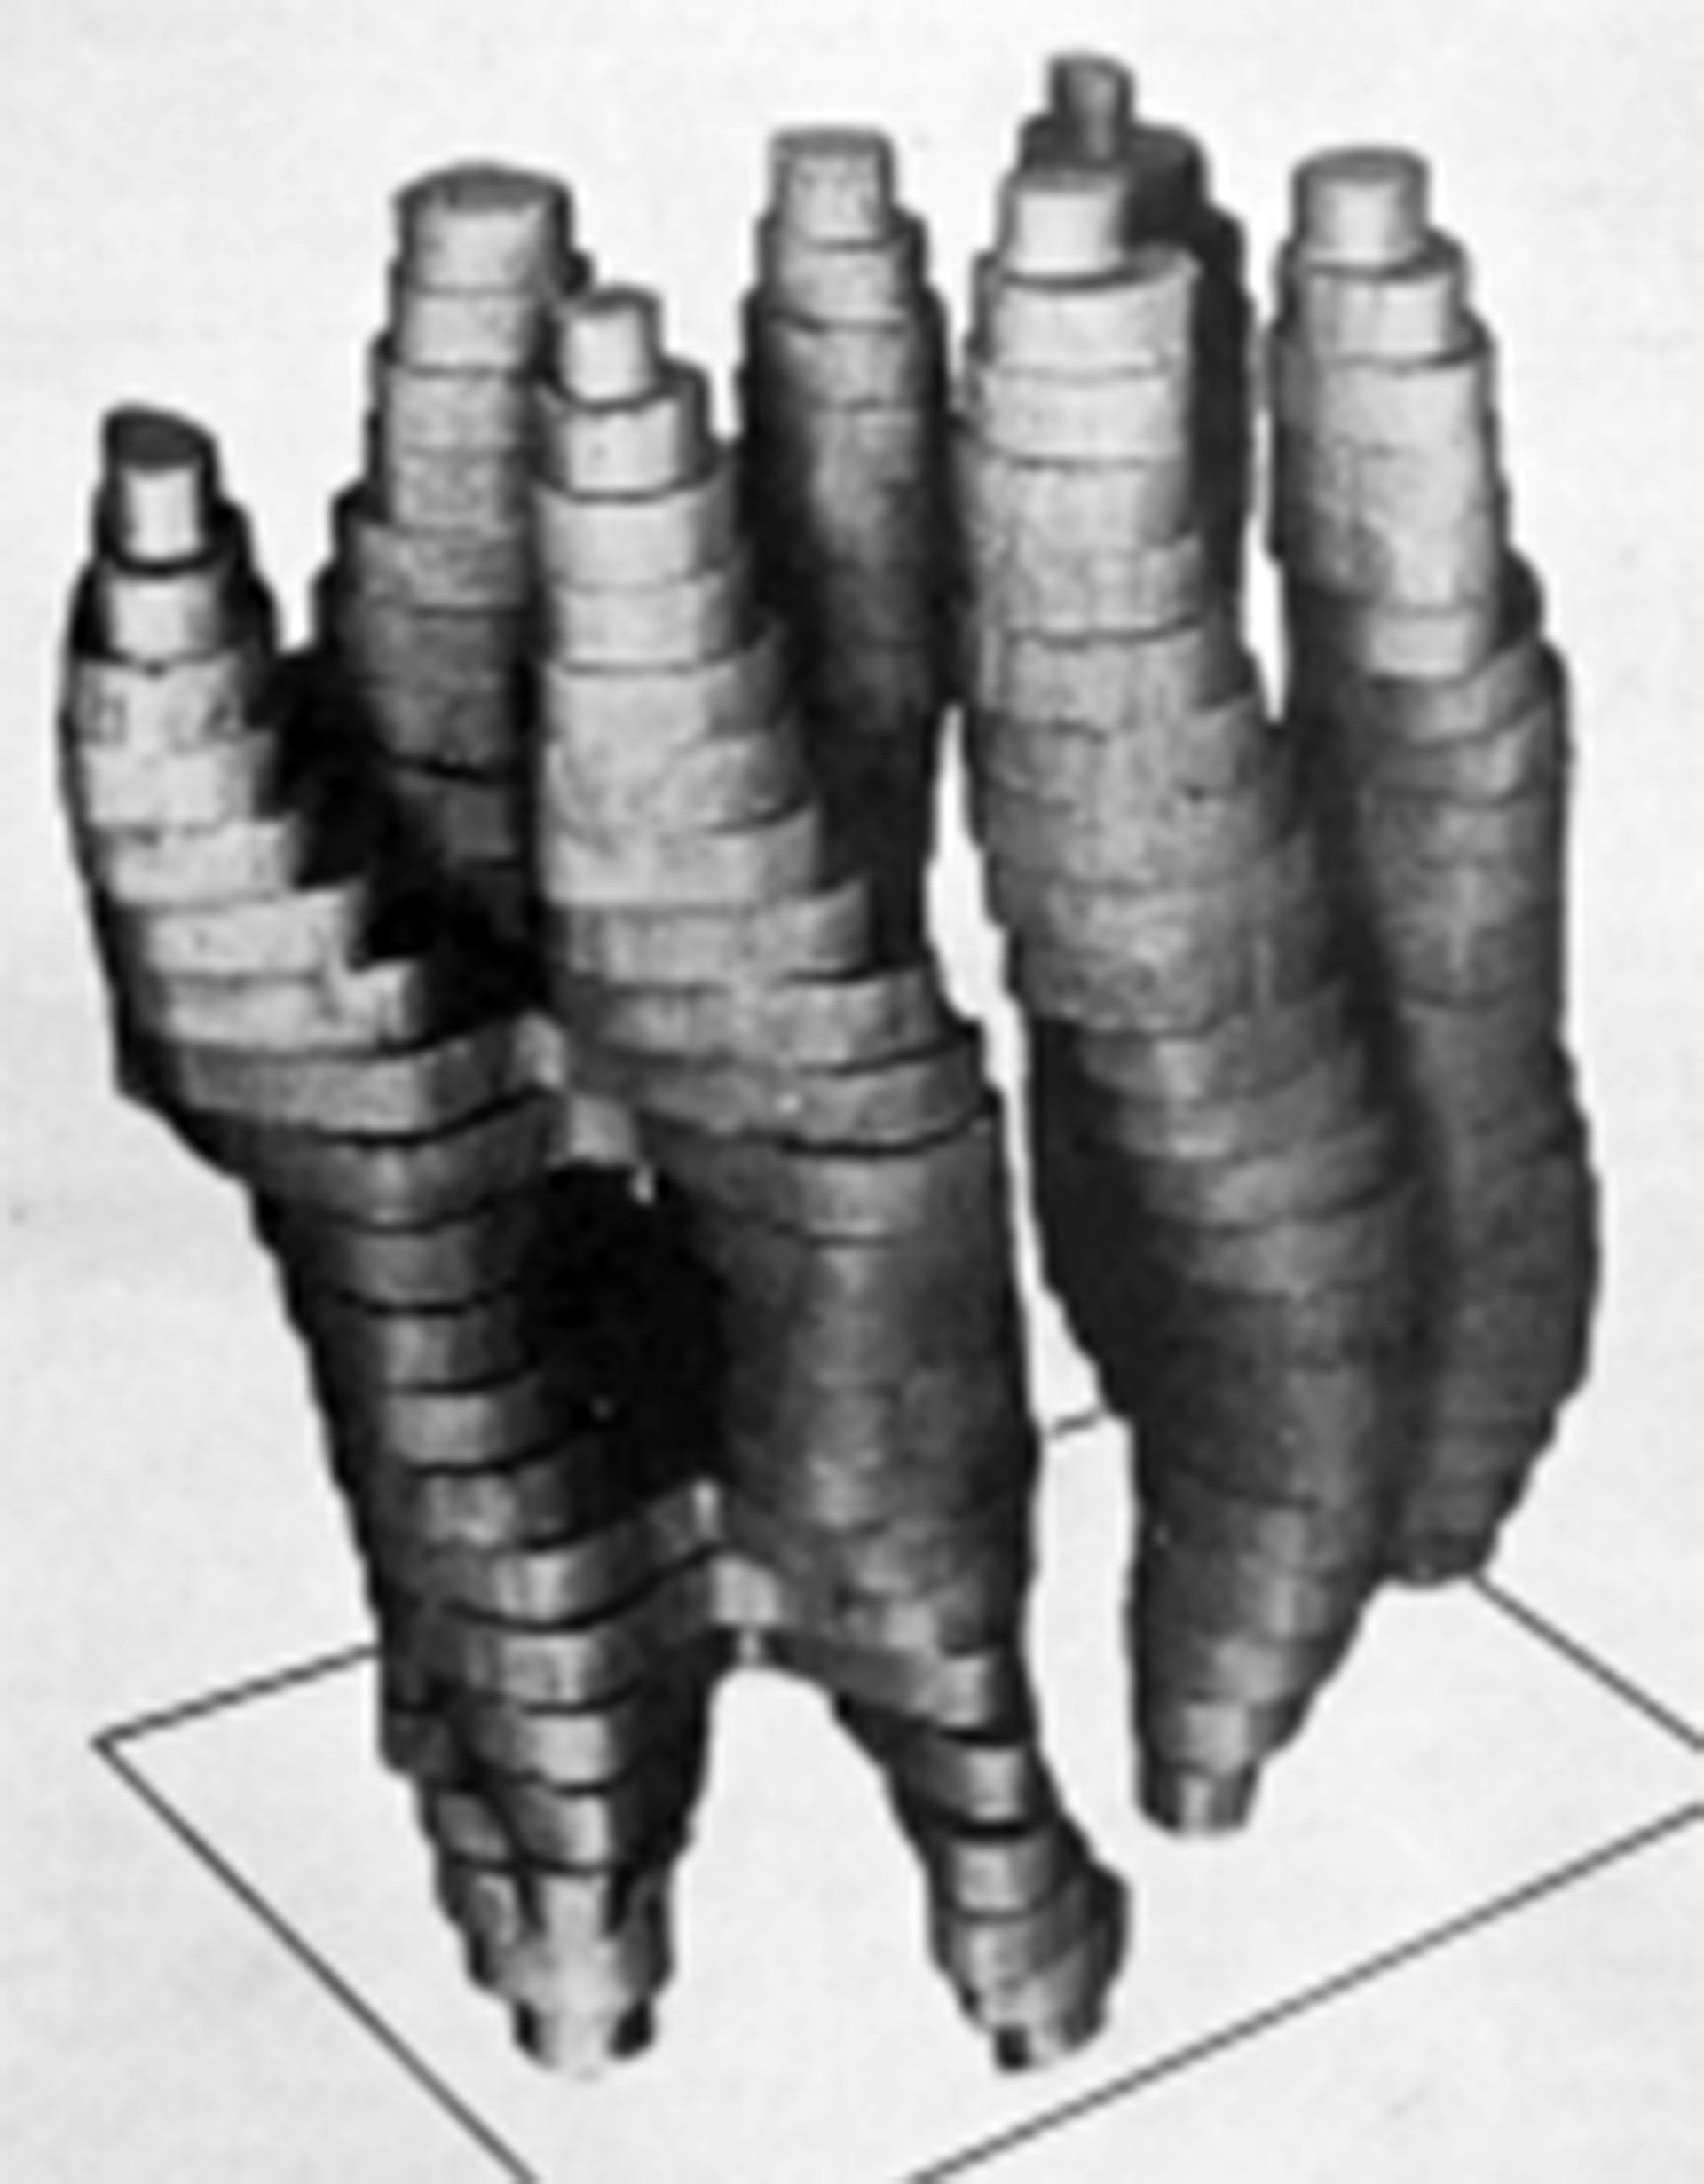 El primer modelo de bacteriorhodopsin, publicado en 1975 por Henderson